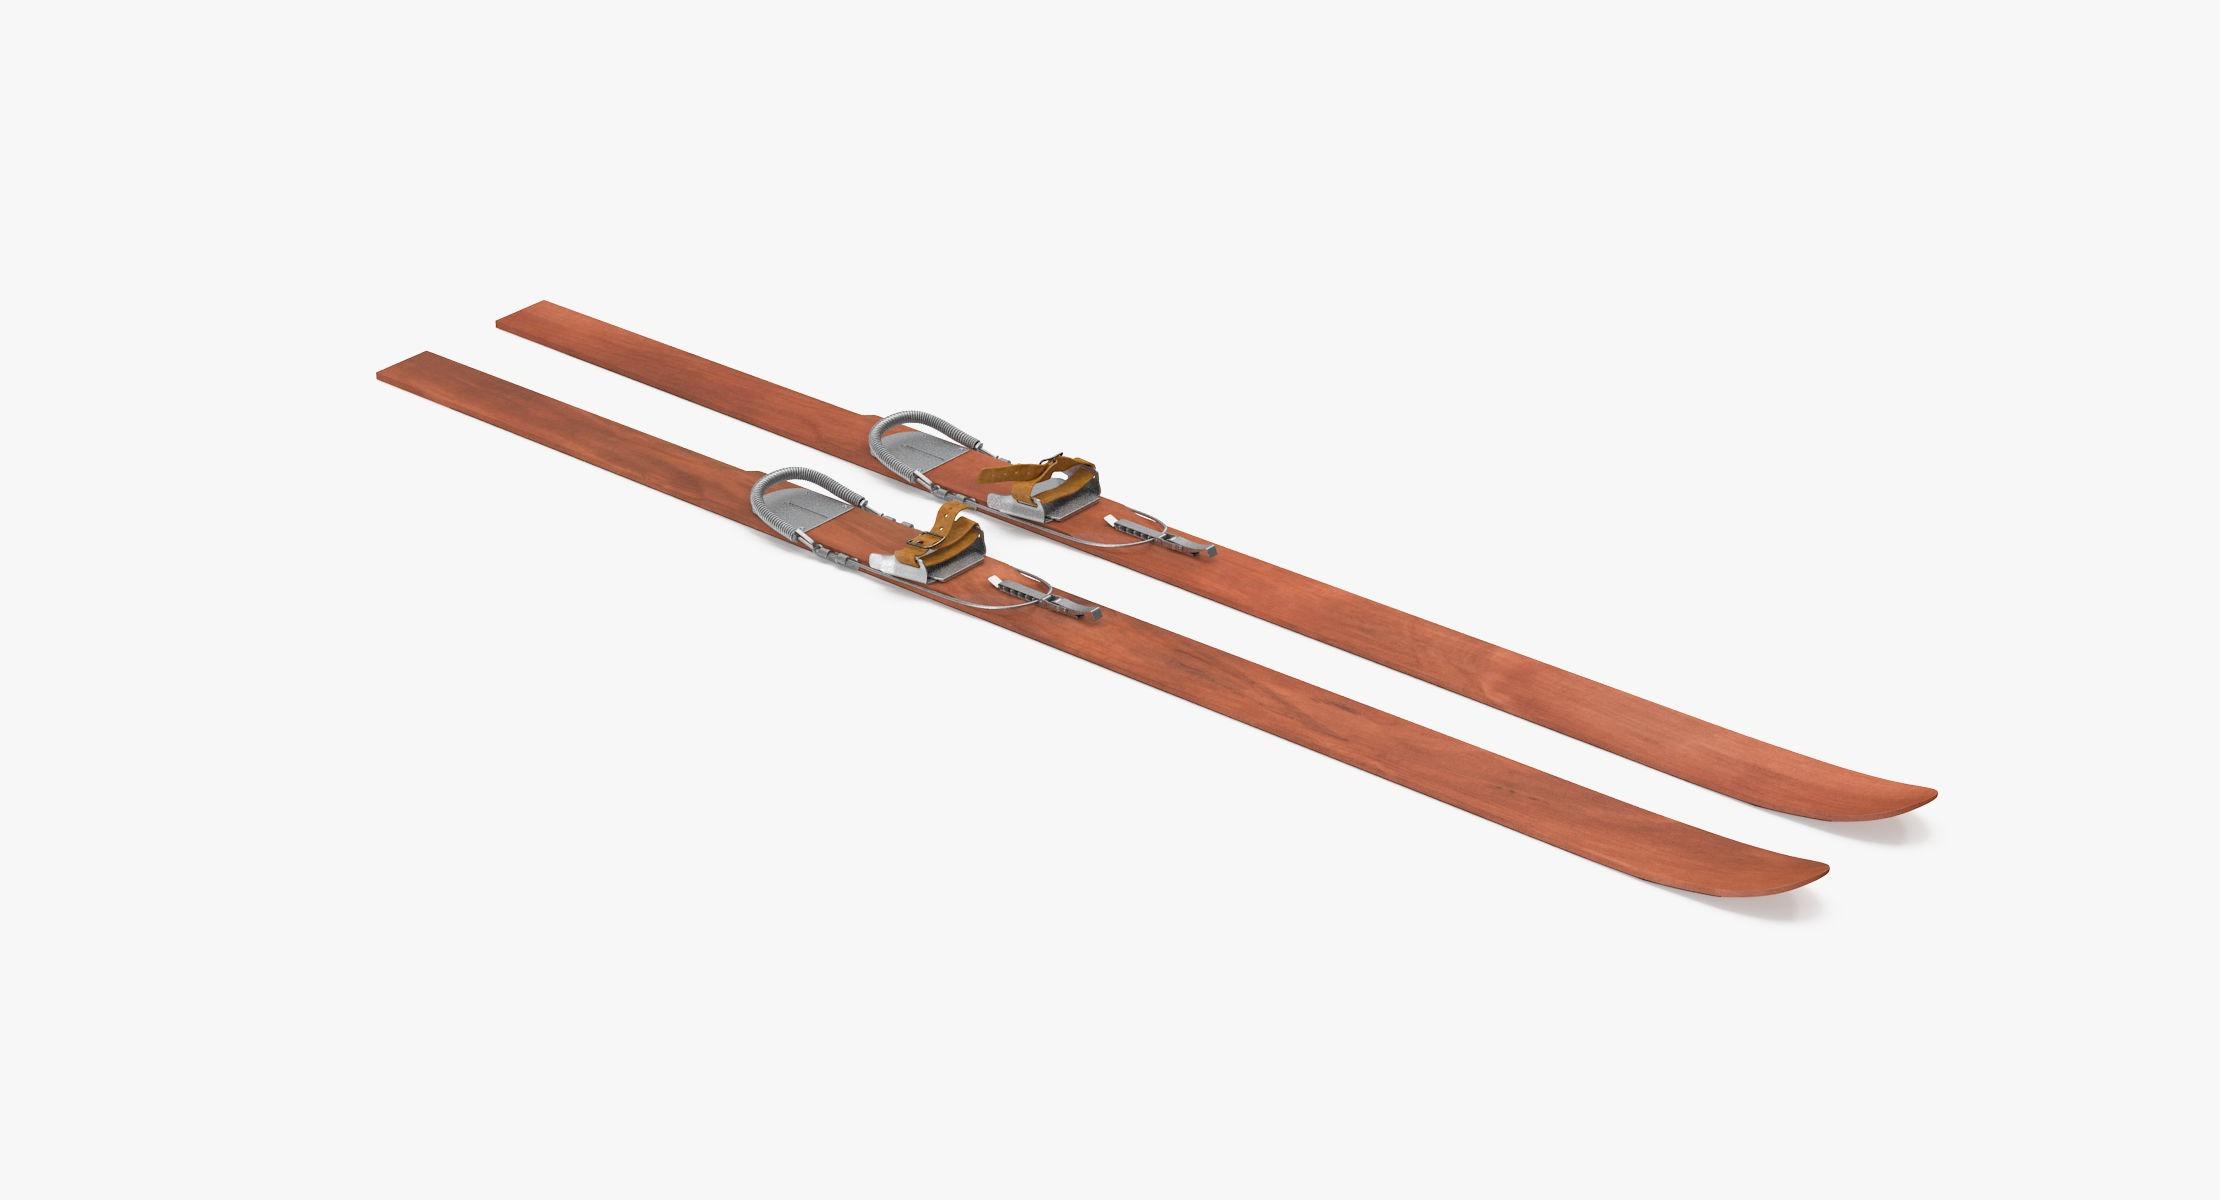 Skis - reel 1